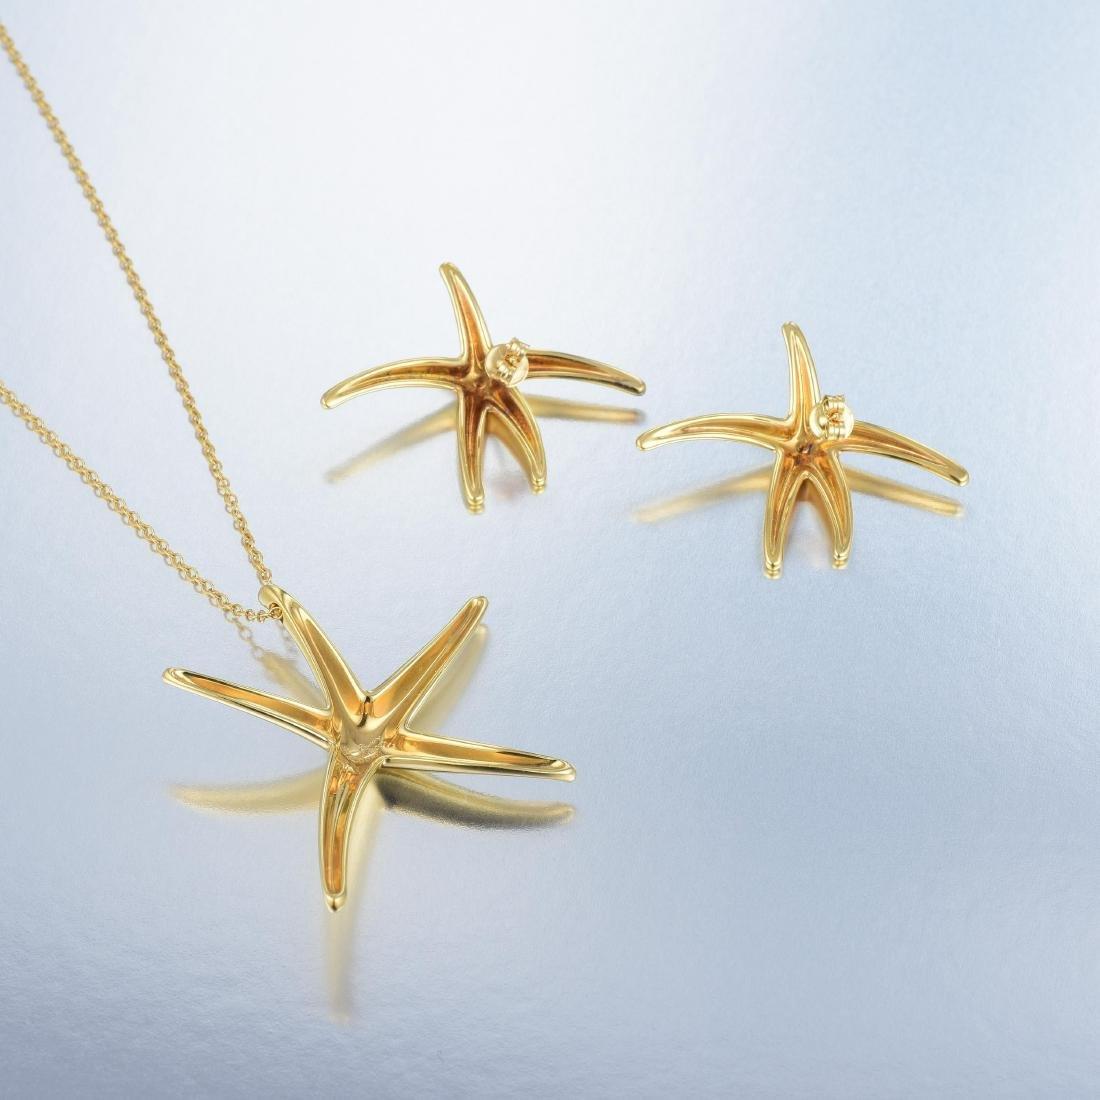 Tiffany & Co. Elsa Peretti Starfish Pendant Necklace - 4